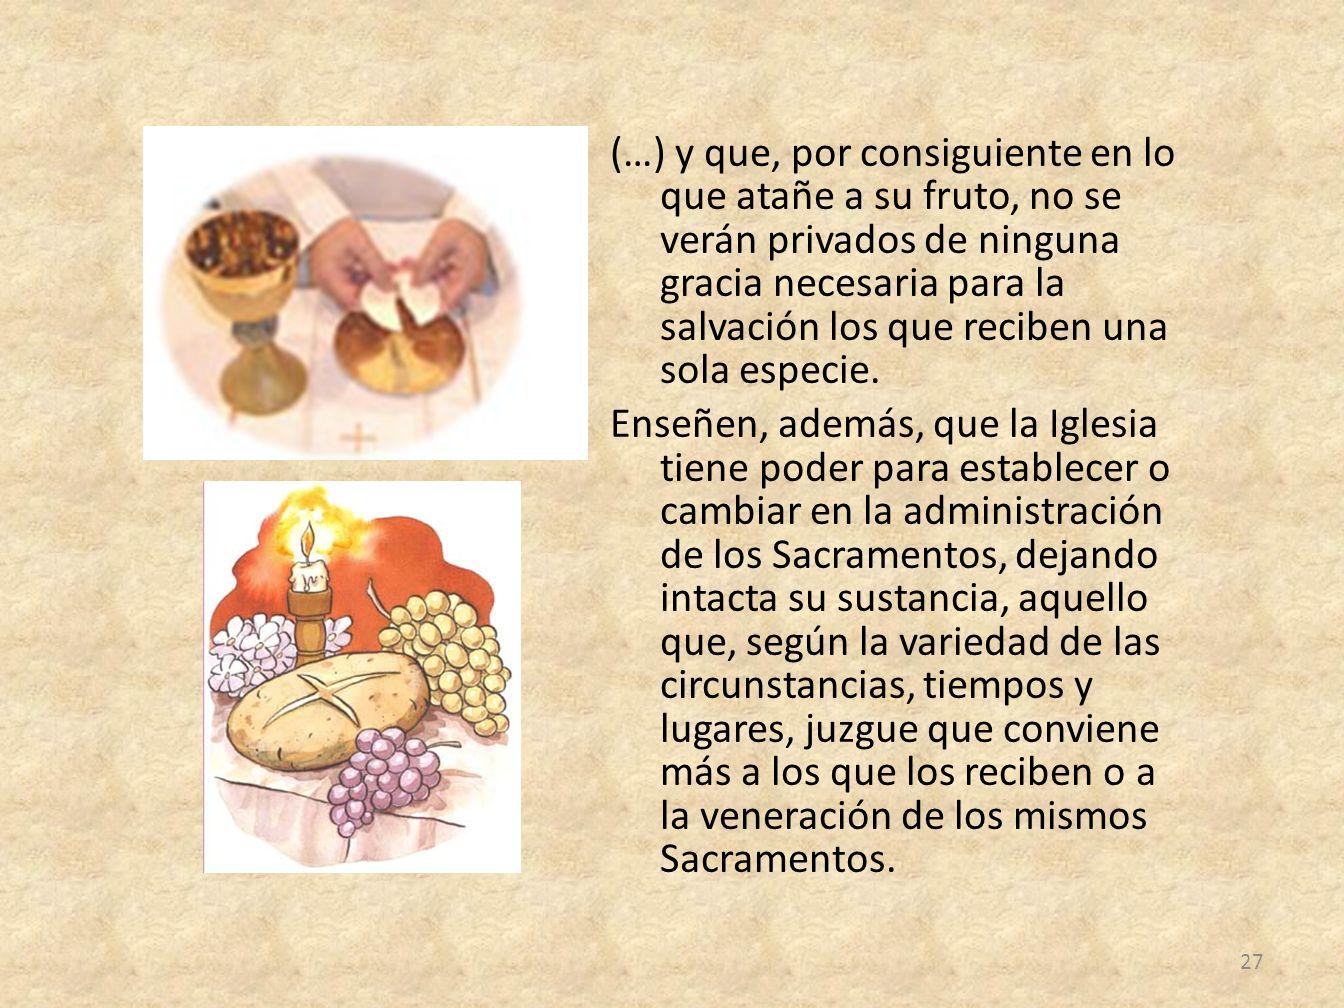 (…) y que, por consiguiente en lo que atañe a su fruto, no se verán privados de ninguna gracia necesaria para la salvación los que reciben una sola es